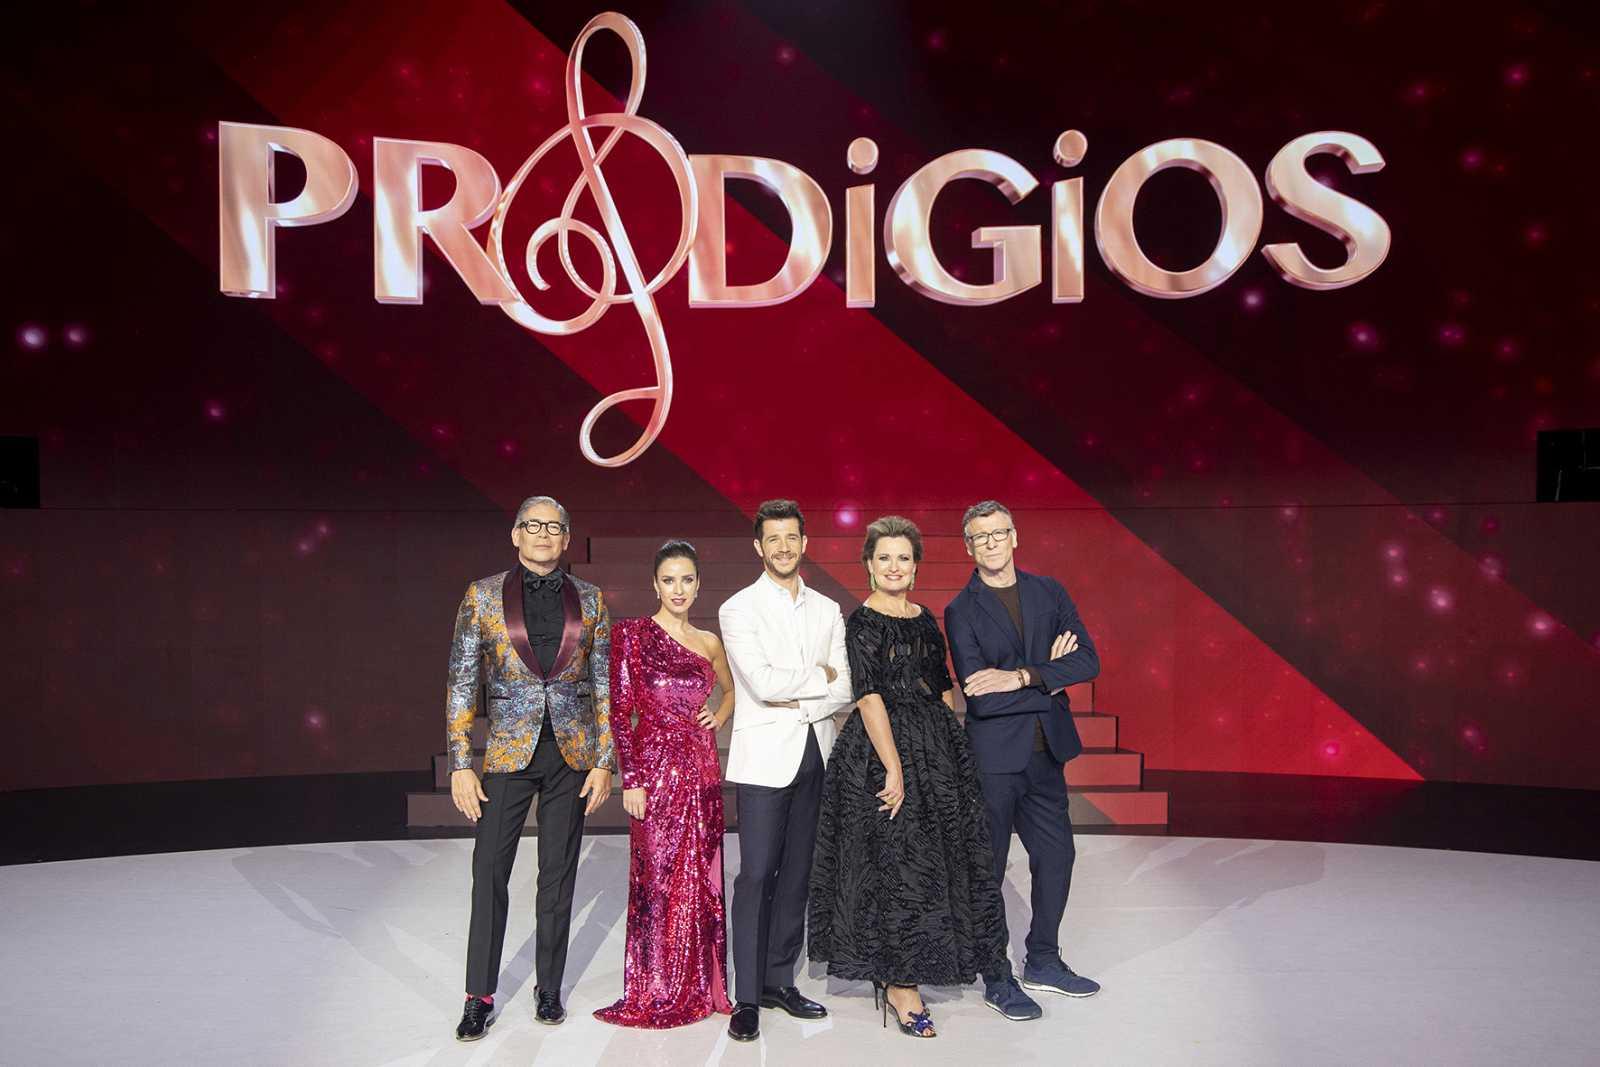 El jurado de Prodigios con Boris y Paula Prendes